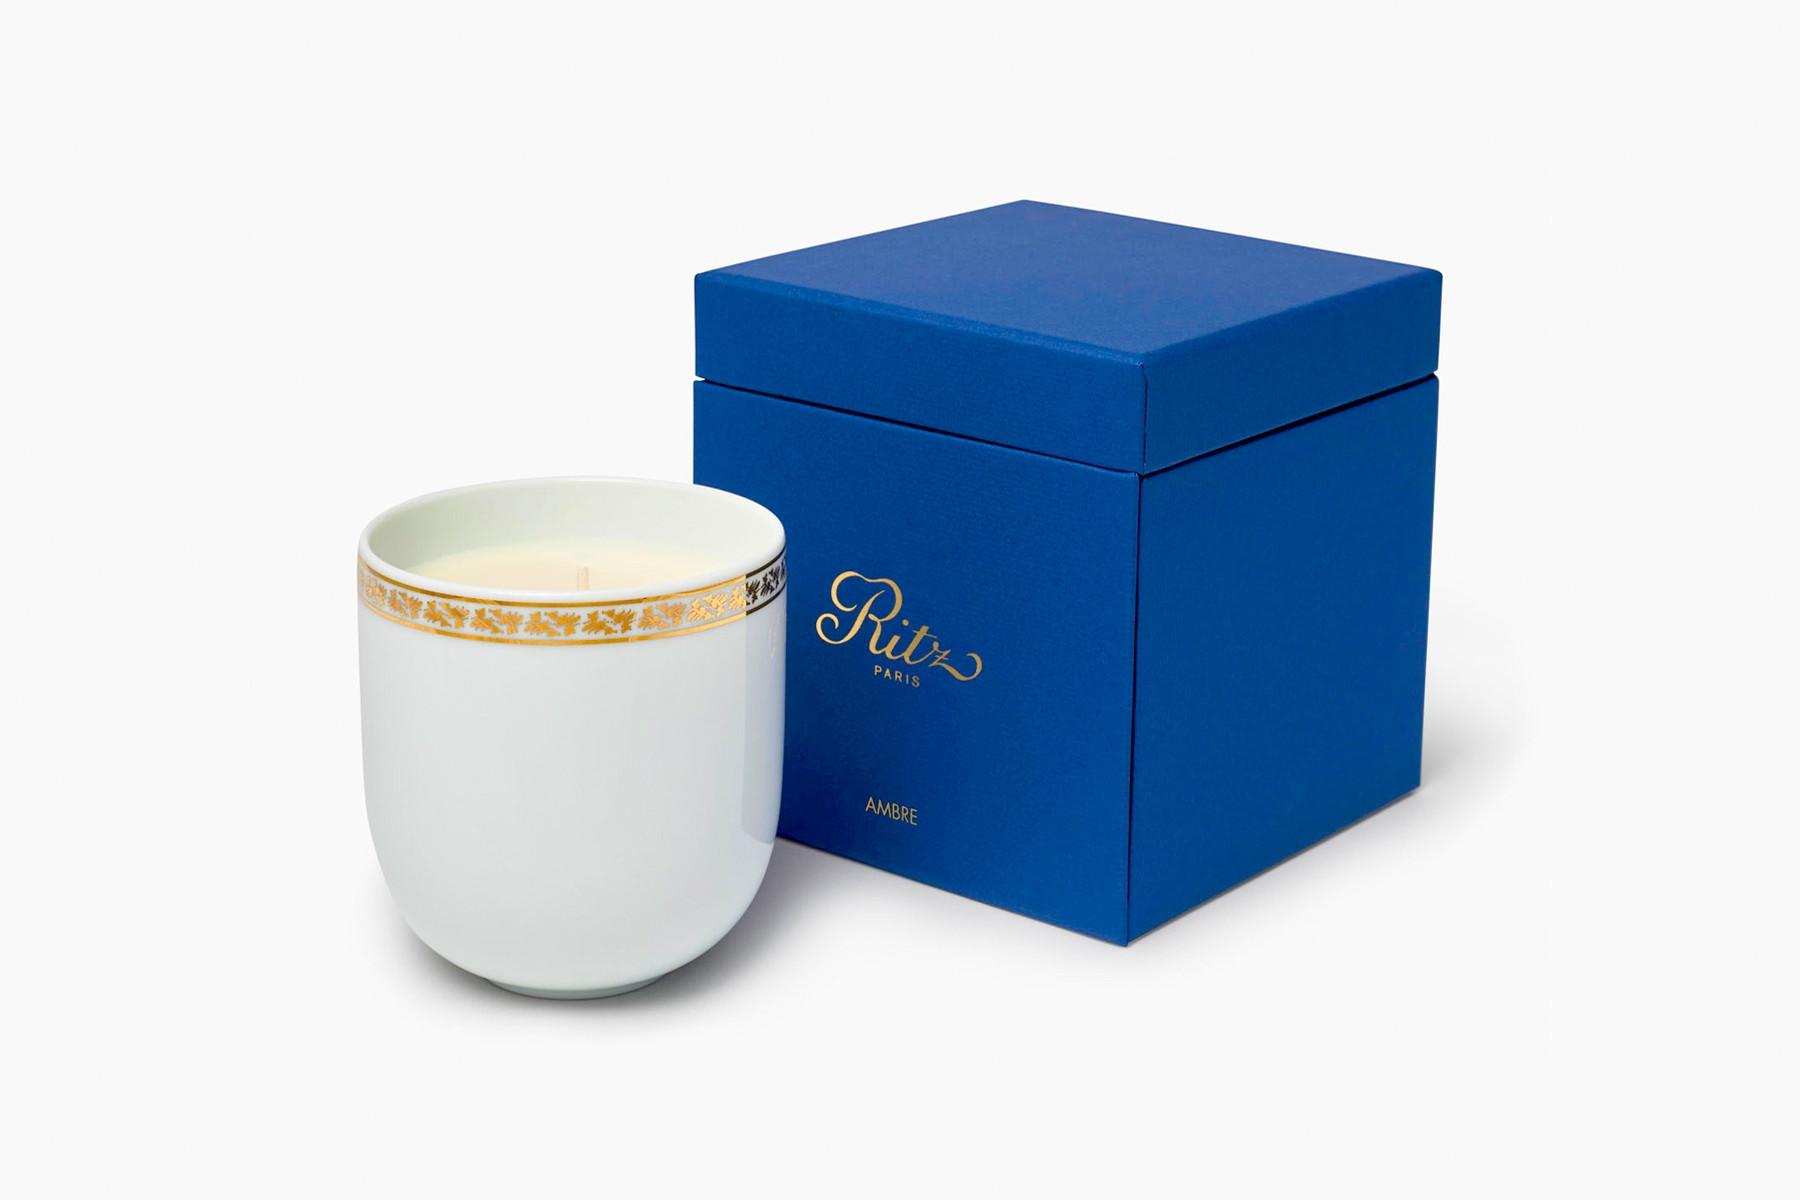 Ritz Paris porcelain candle